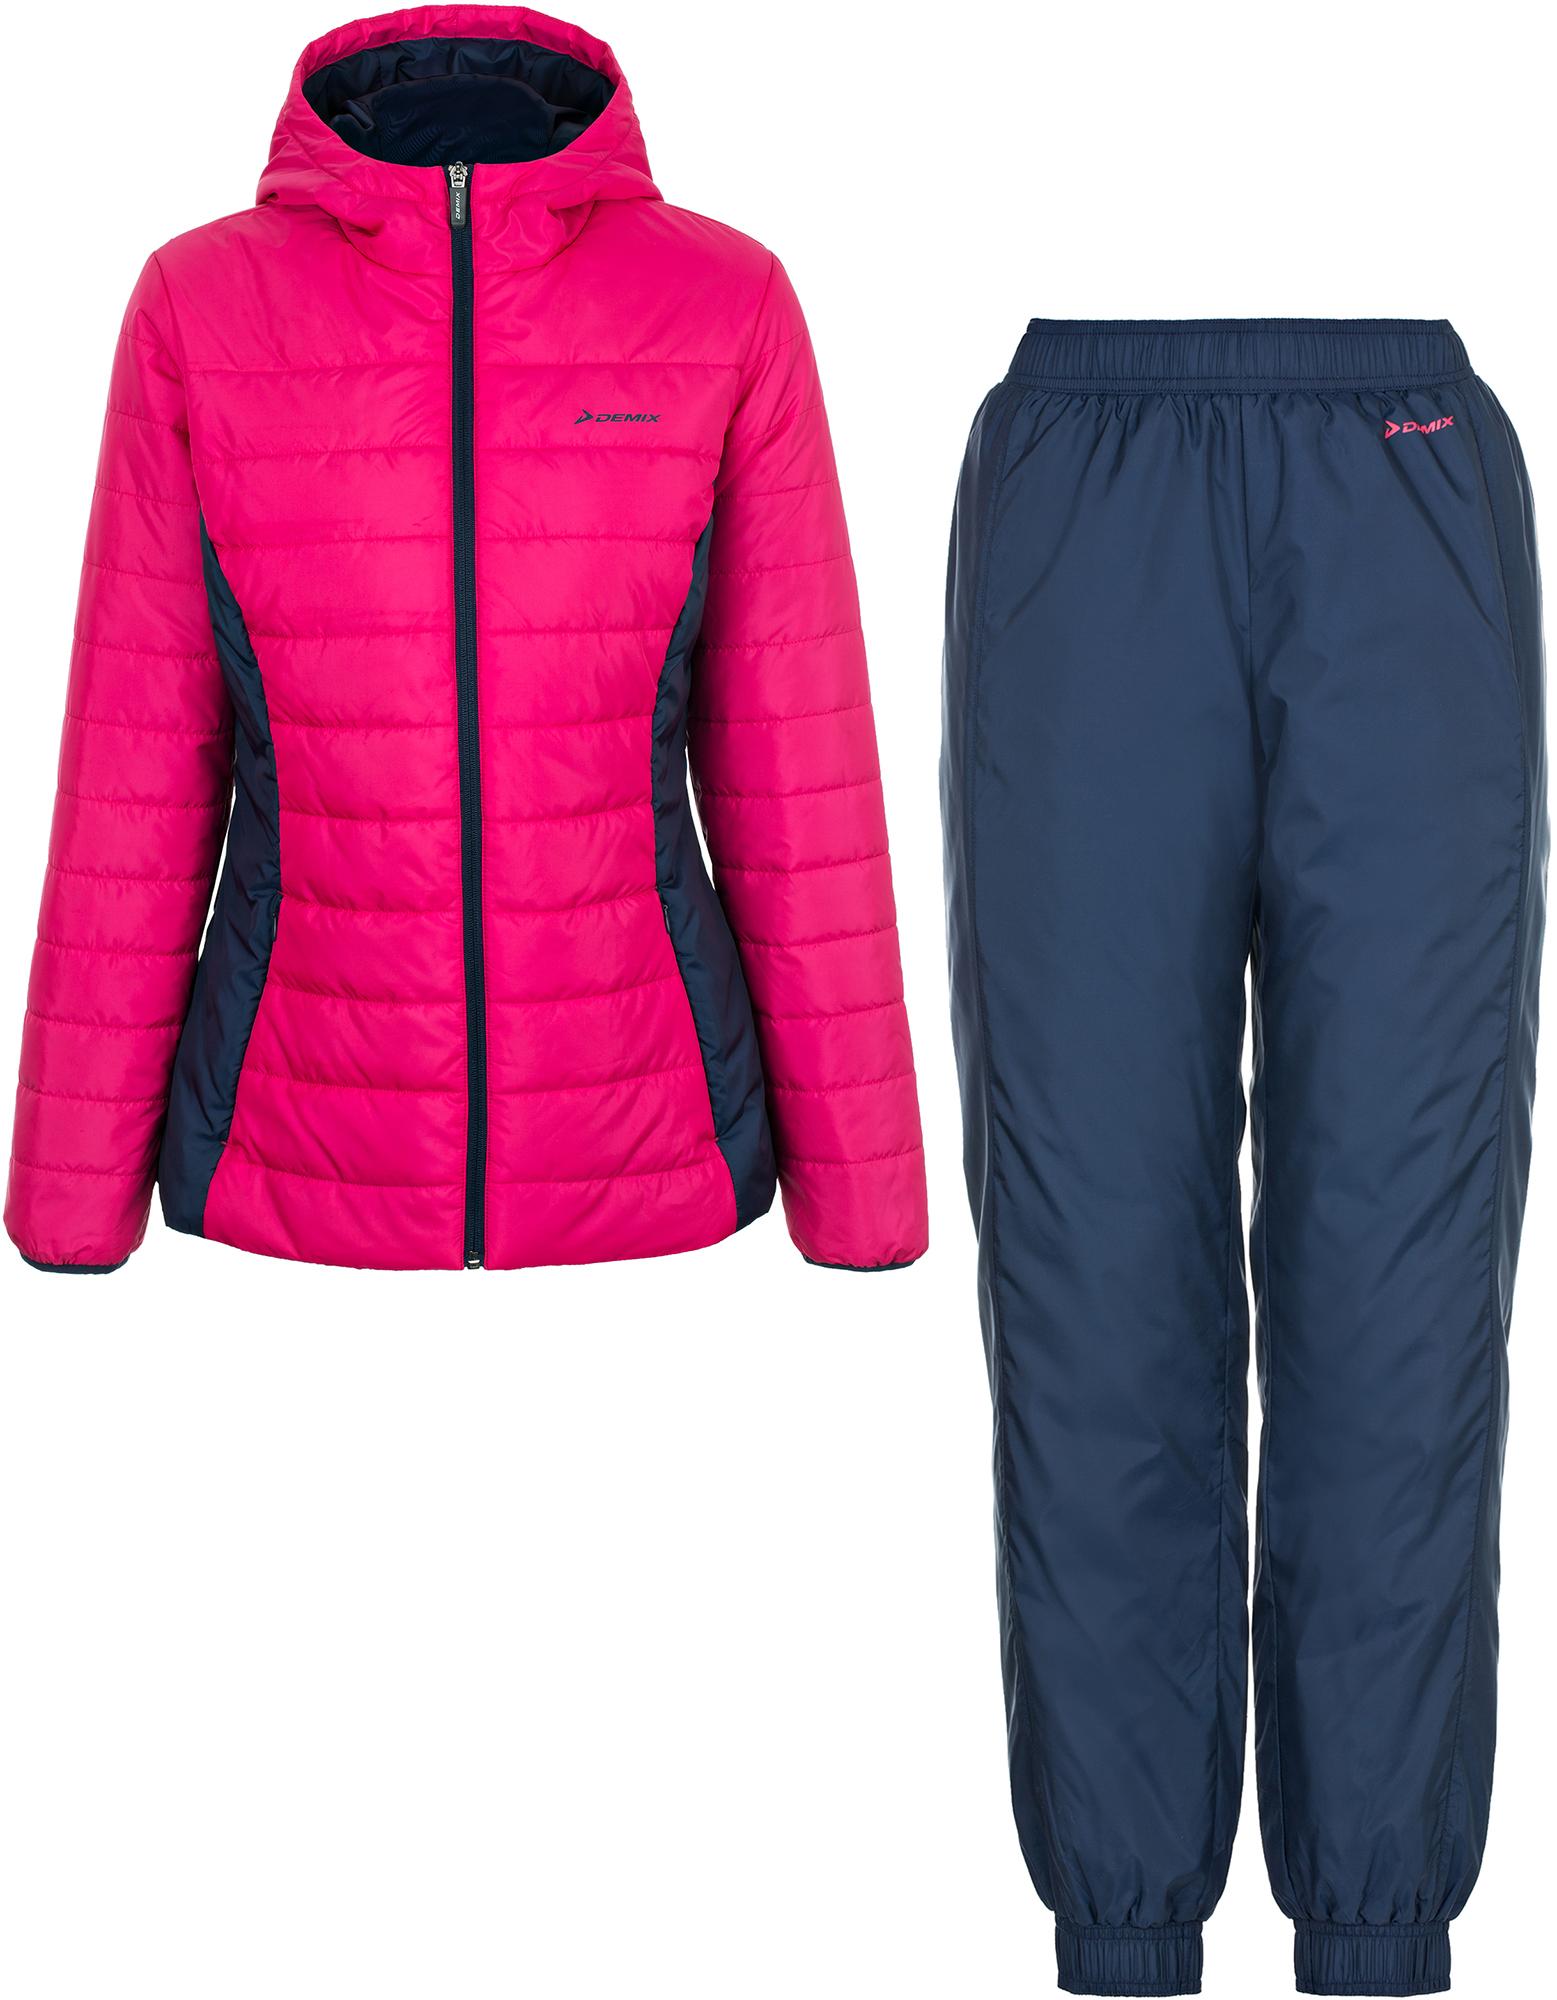 71beed8f8c43 Куртка спортивная женская DEMIX   МегаСпорт